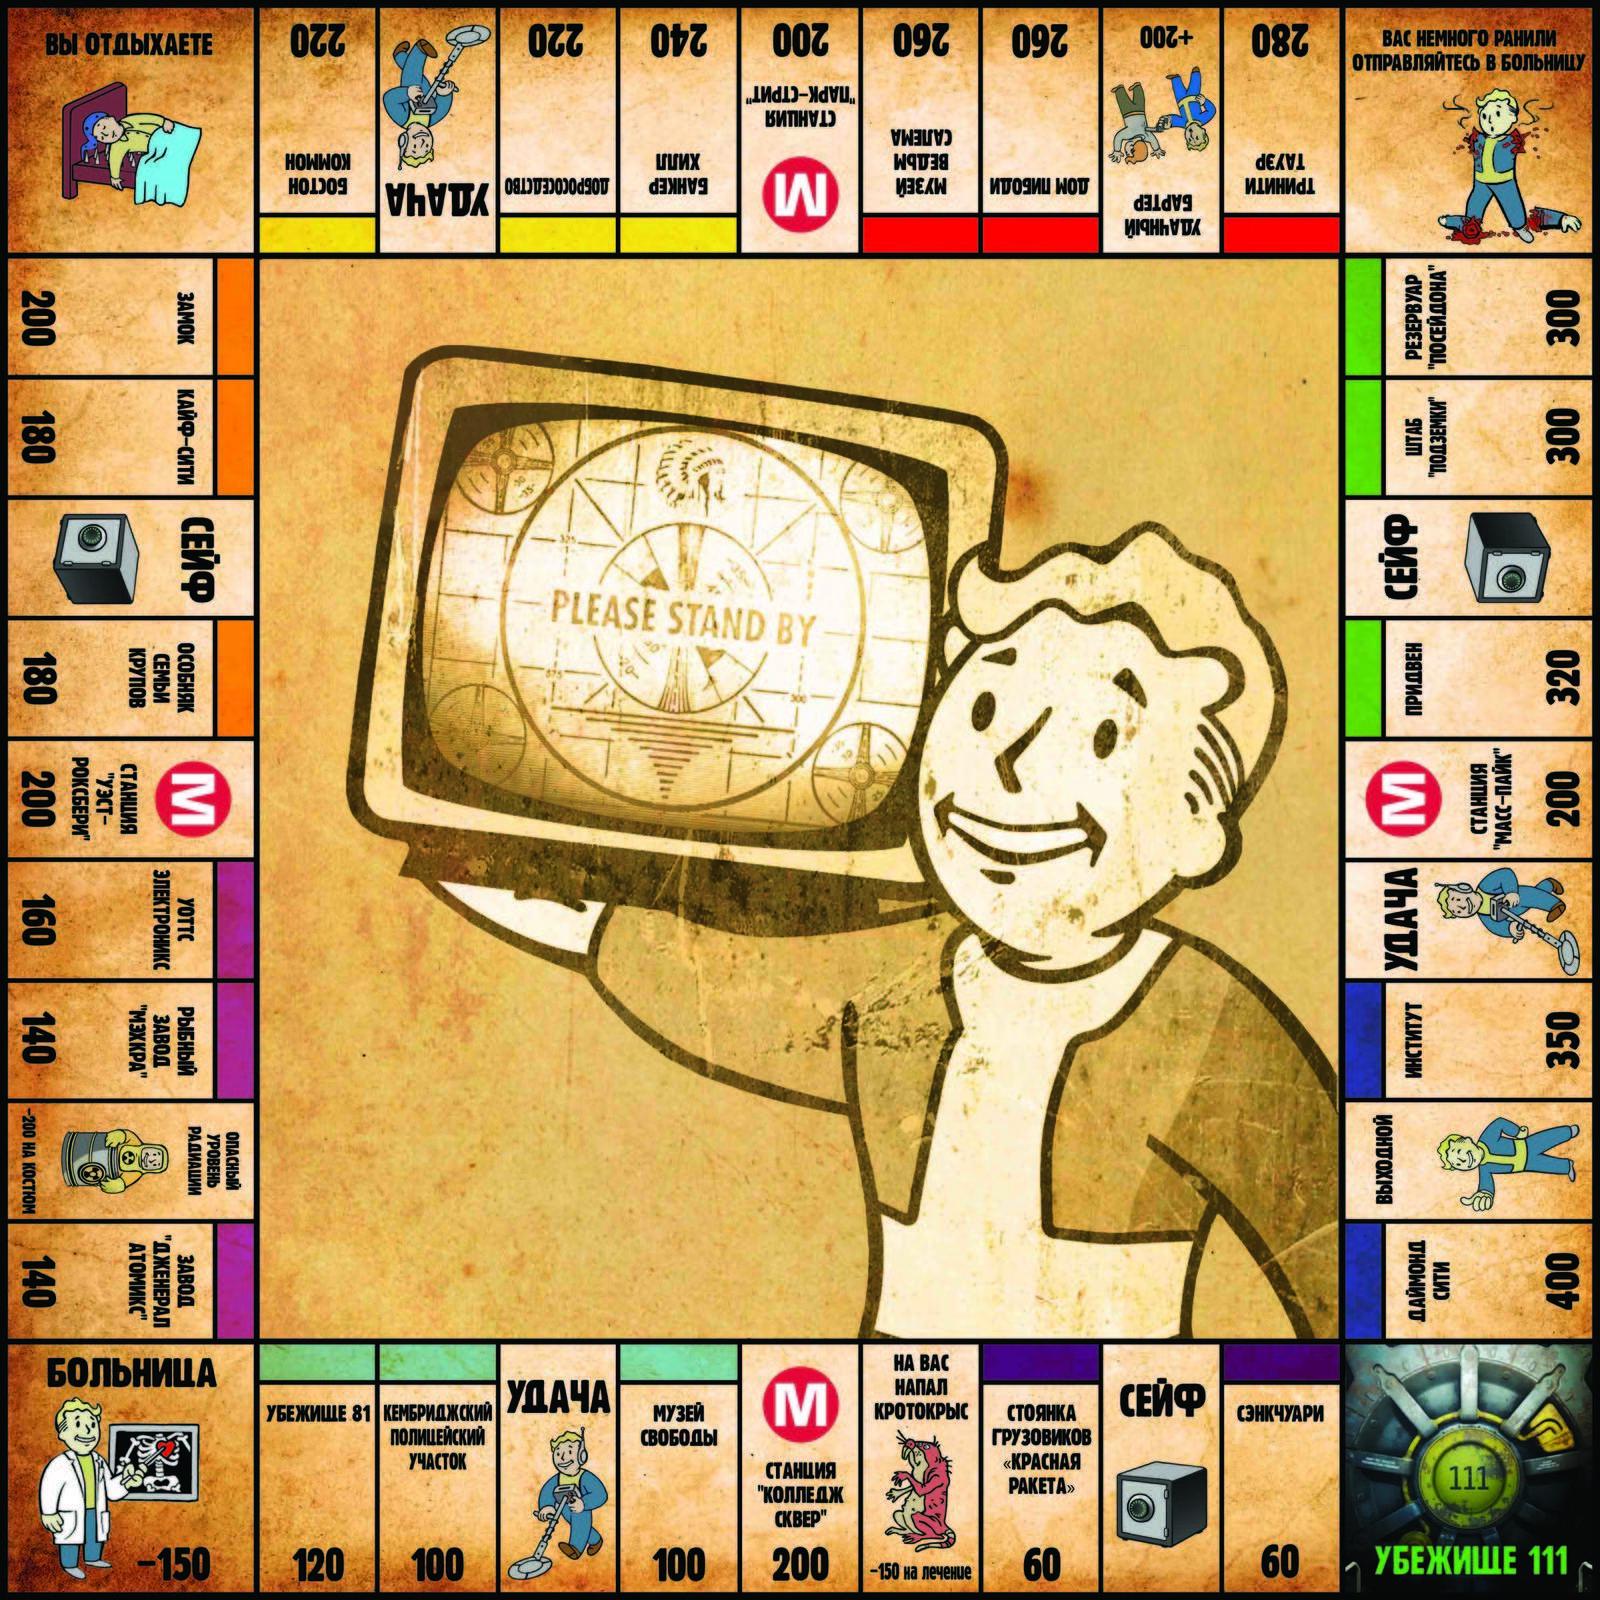 Основы геймдизайна: 20 настольных игр. Часть вторая: нарды, монополия, скрэббл - 3